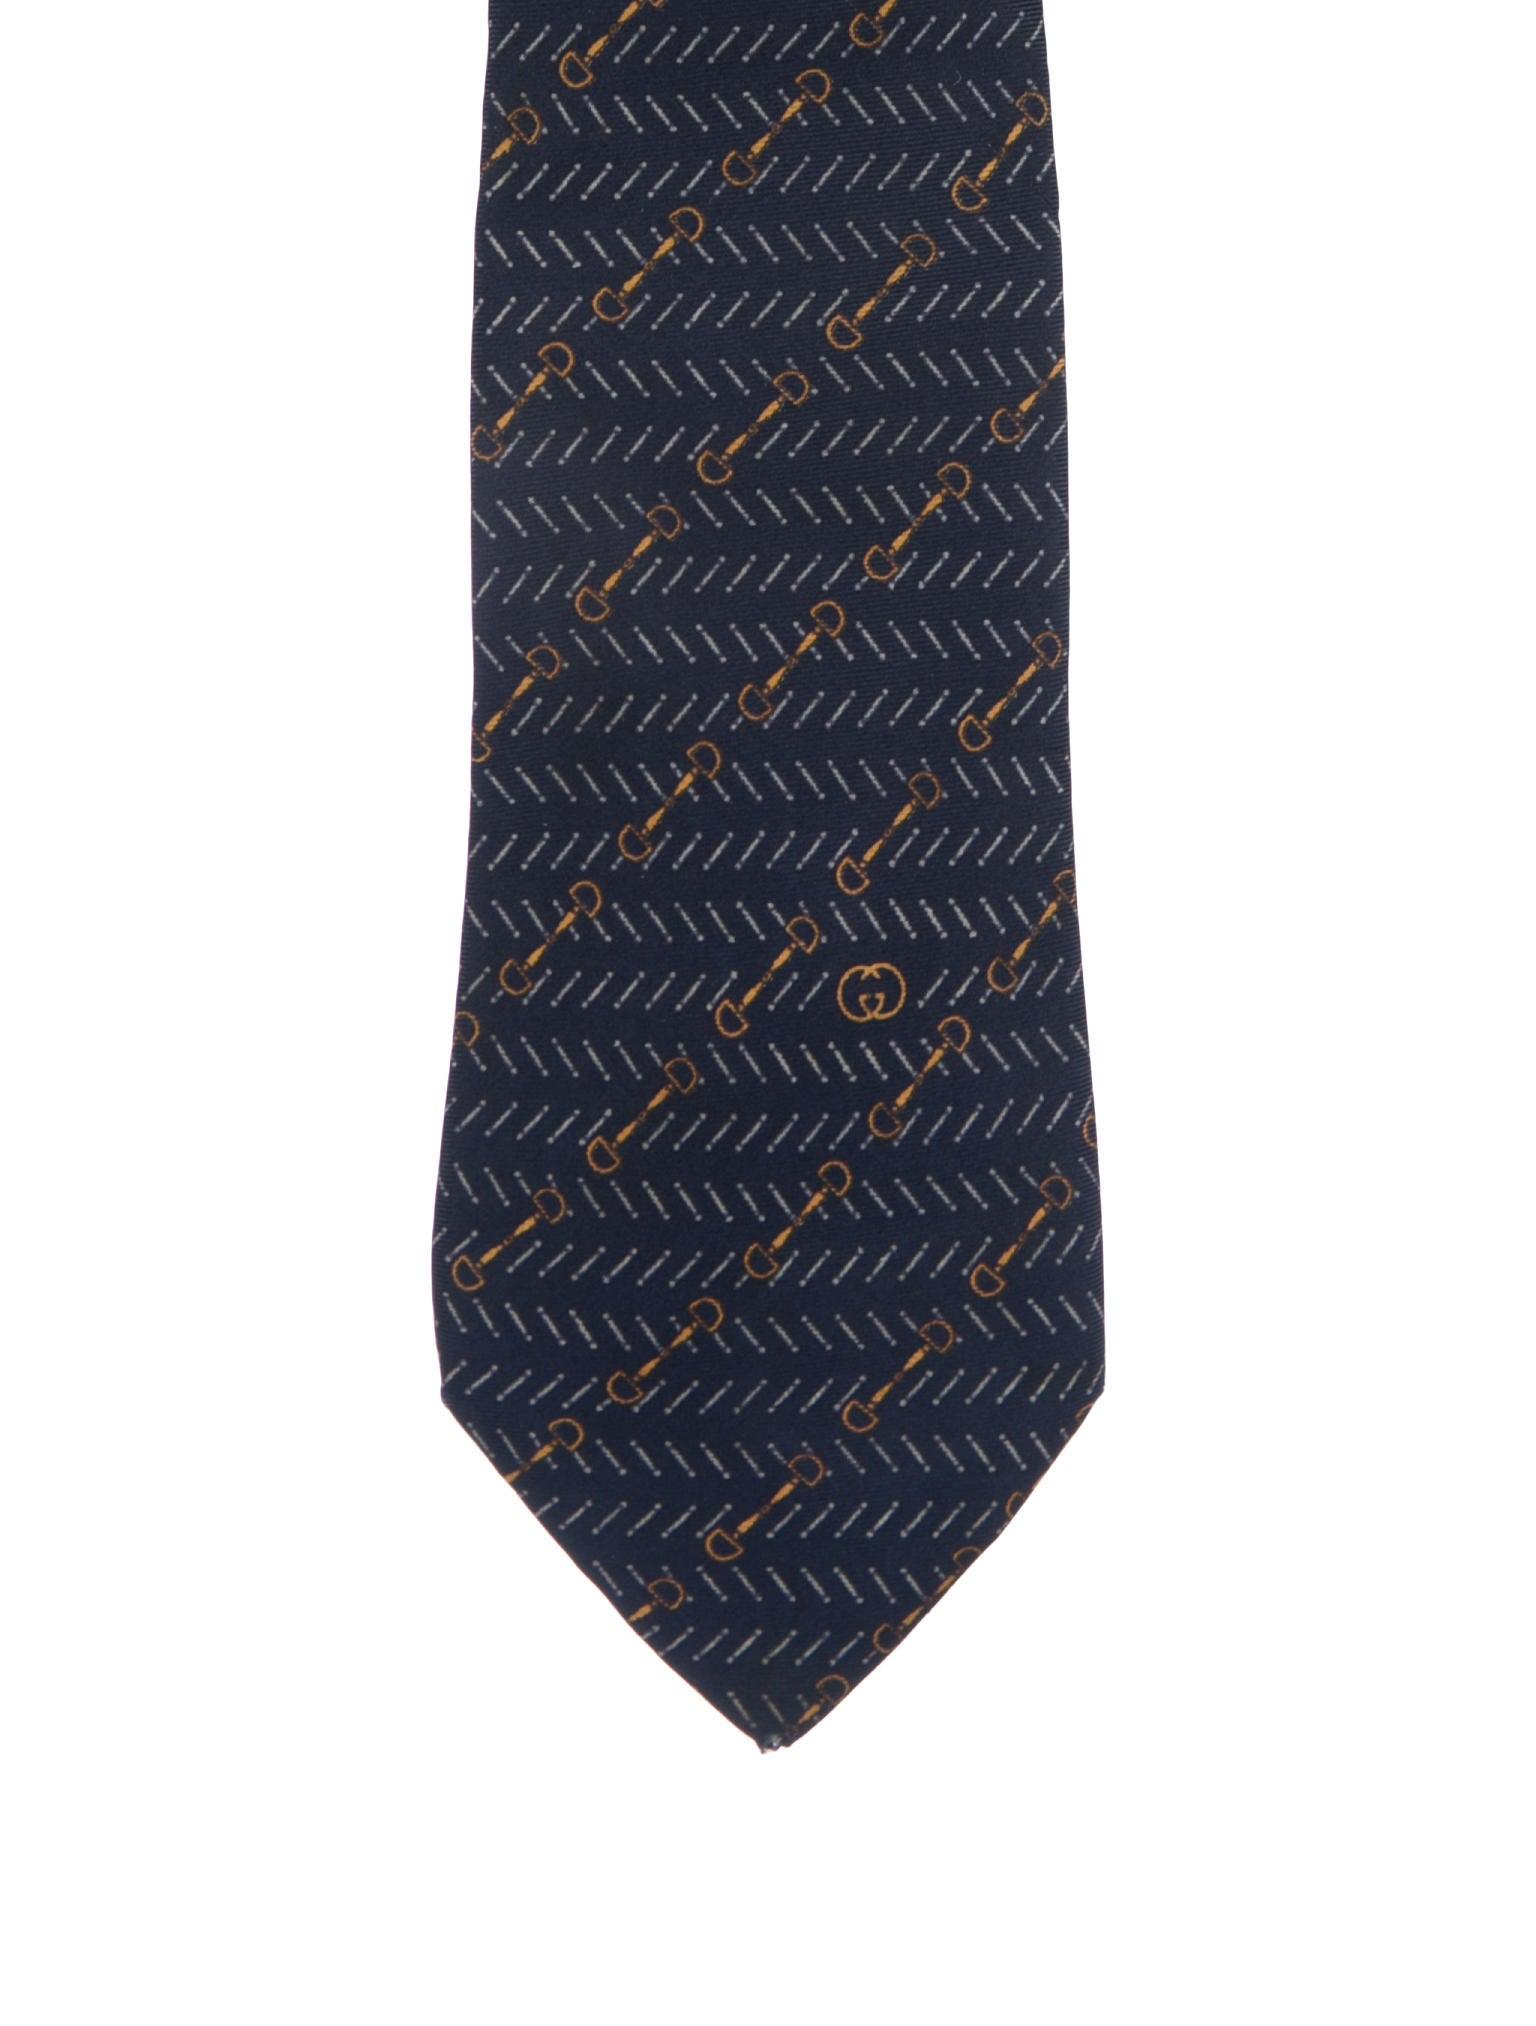 b7135cca7c07 Men · Suiting Accessories; Gucci Horsebit Print Silk Tie. Horsebit Print Silk  Tie